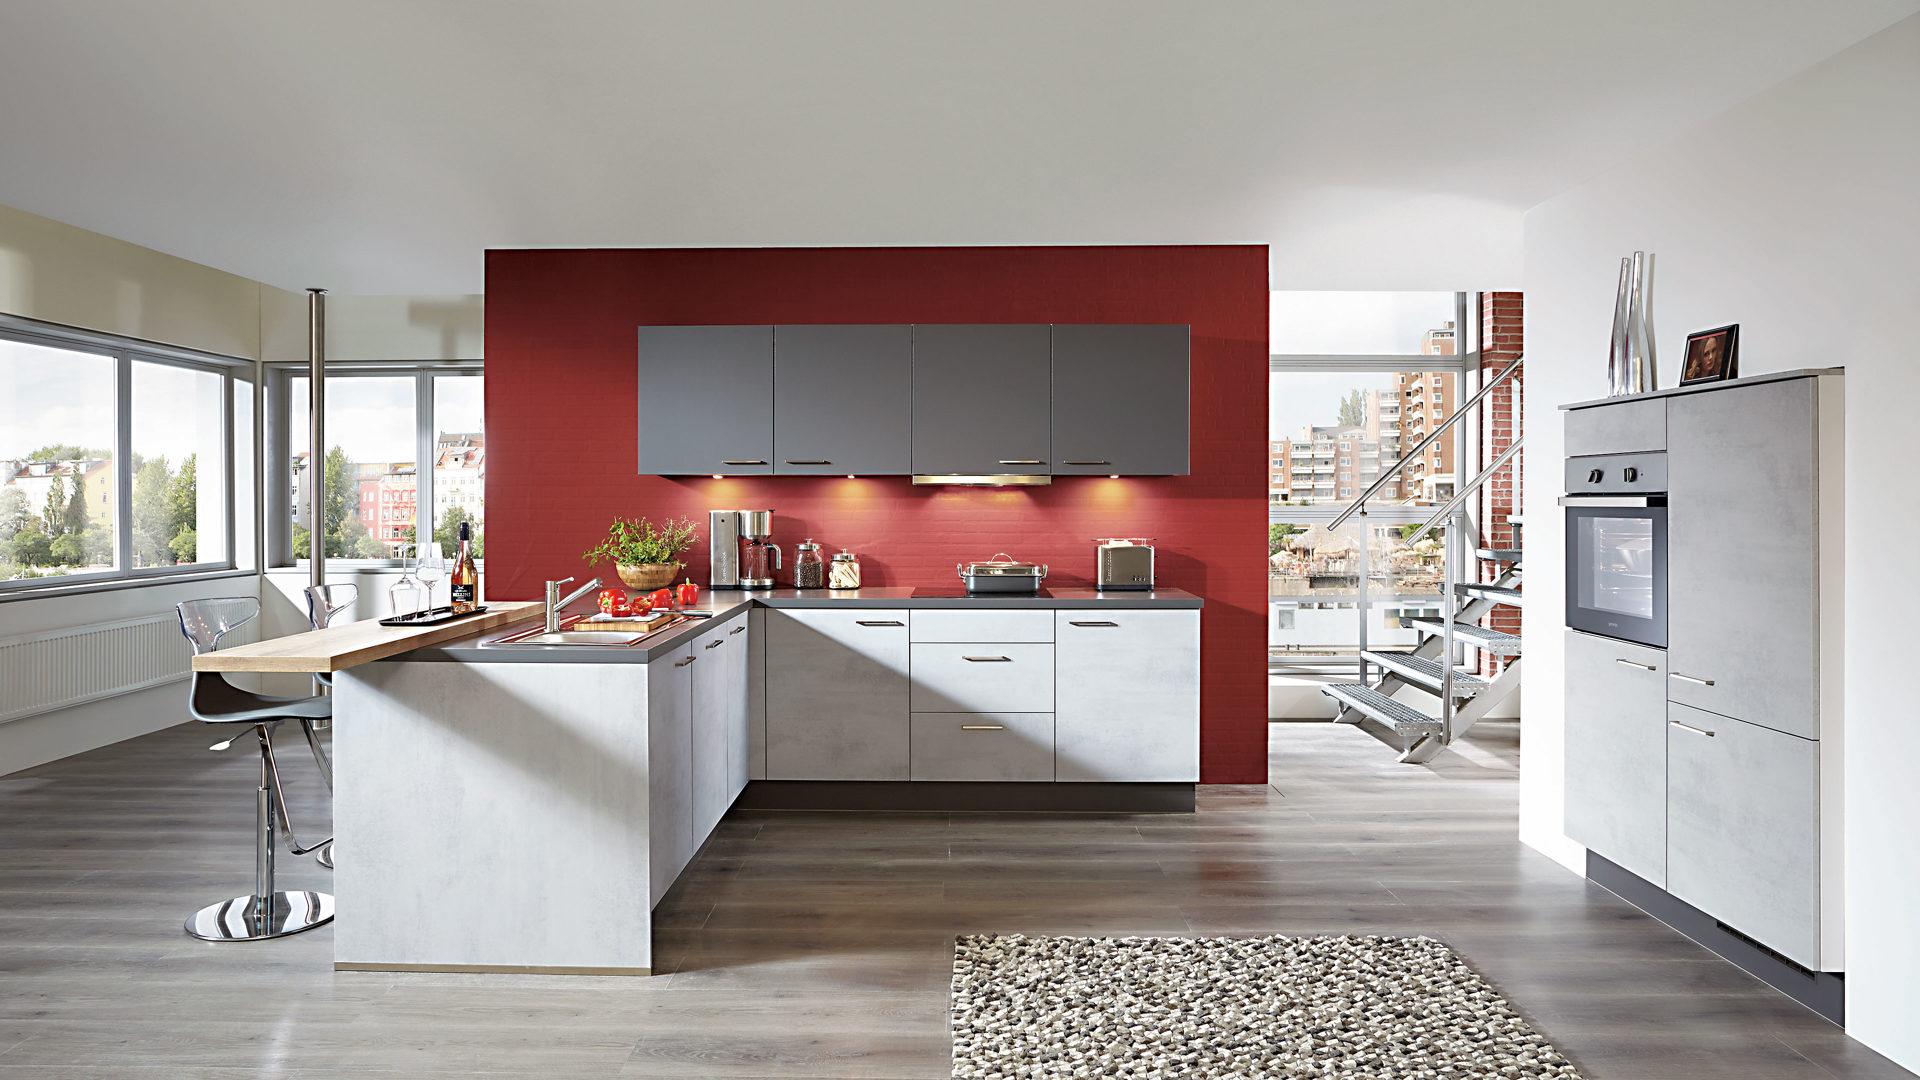 Möbel Steffens Küchen einbauküche mit gorenje elektrogeräten und esstheke beton